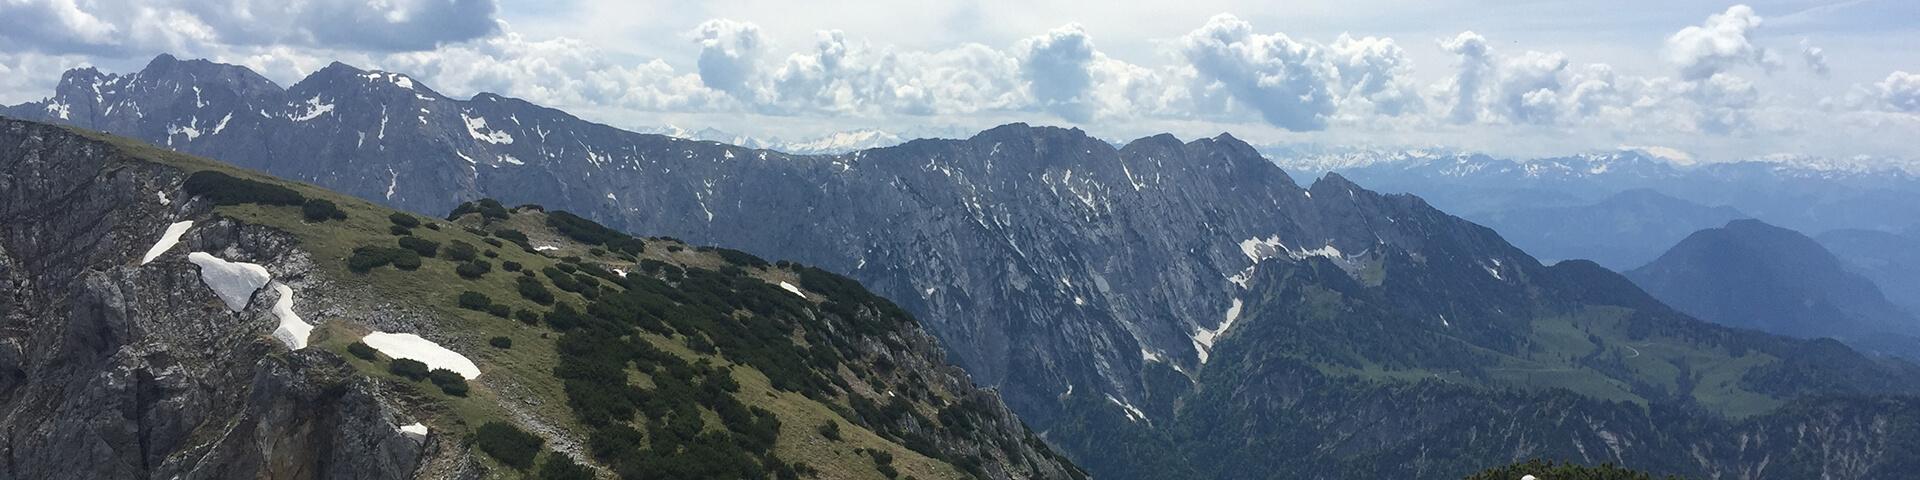 Wundervolle Ausblicke auf die bezaubernden Alpen | alltours Reiseblog